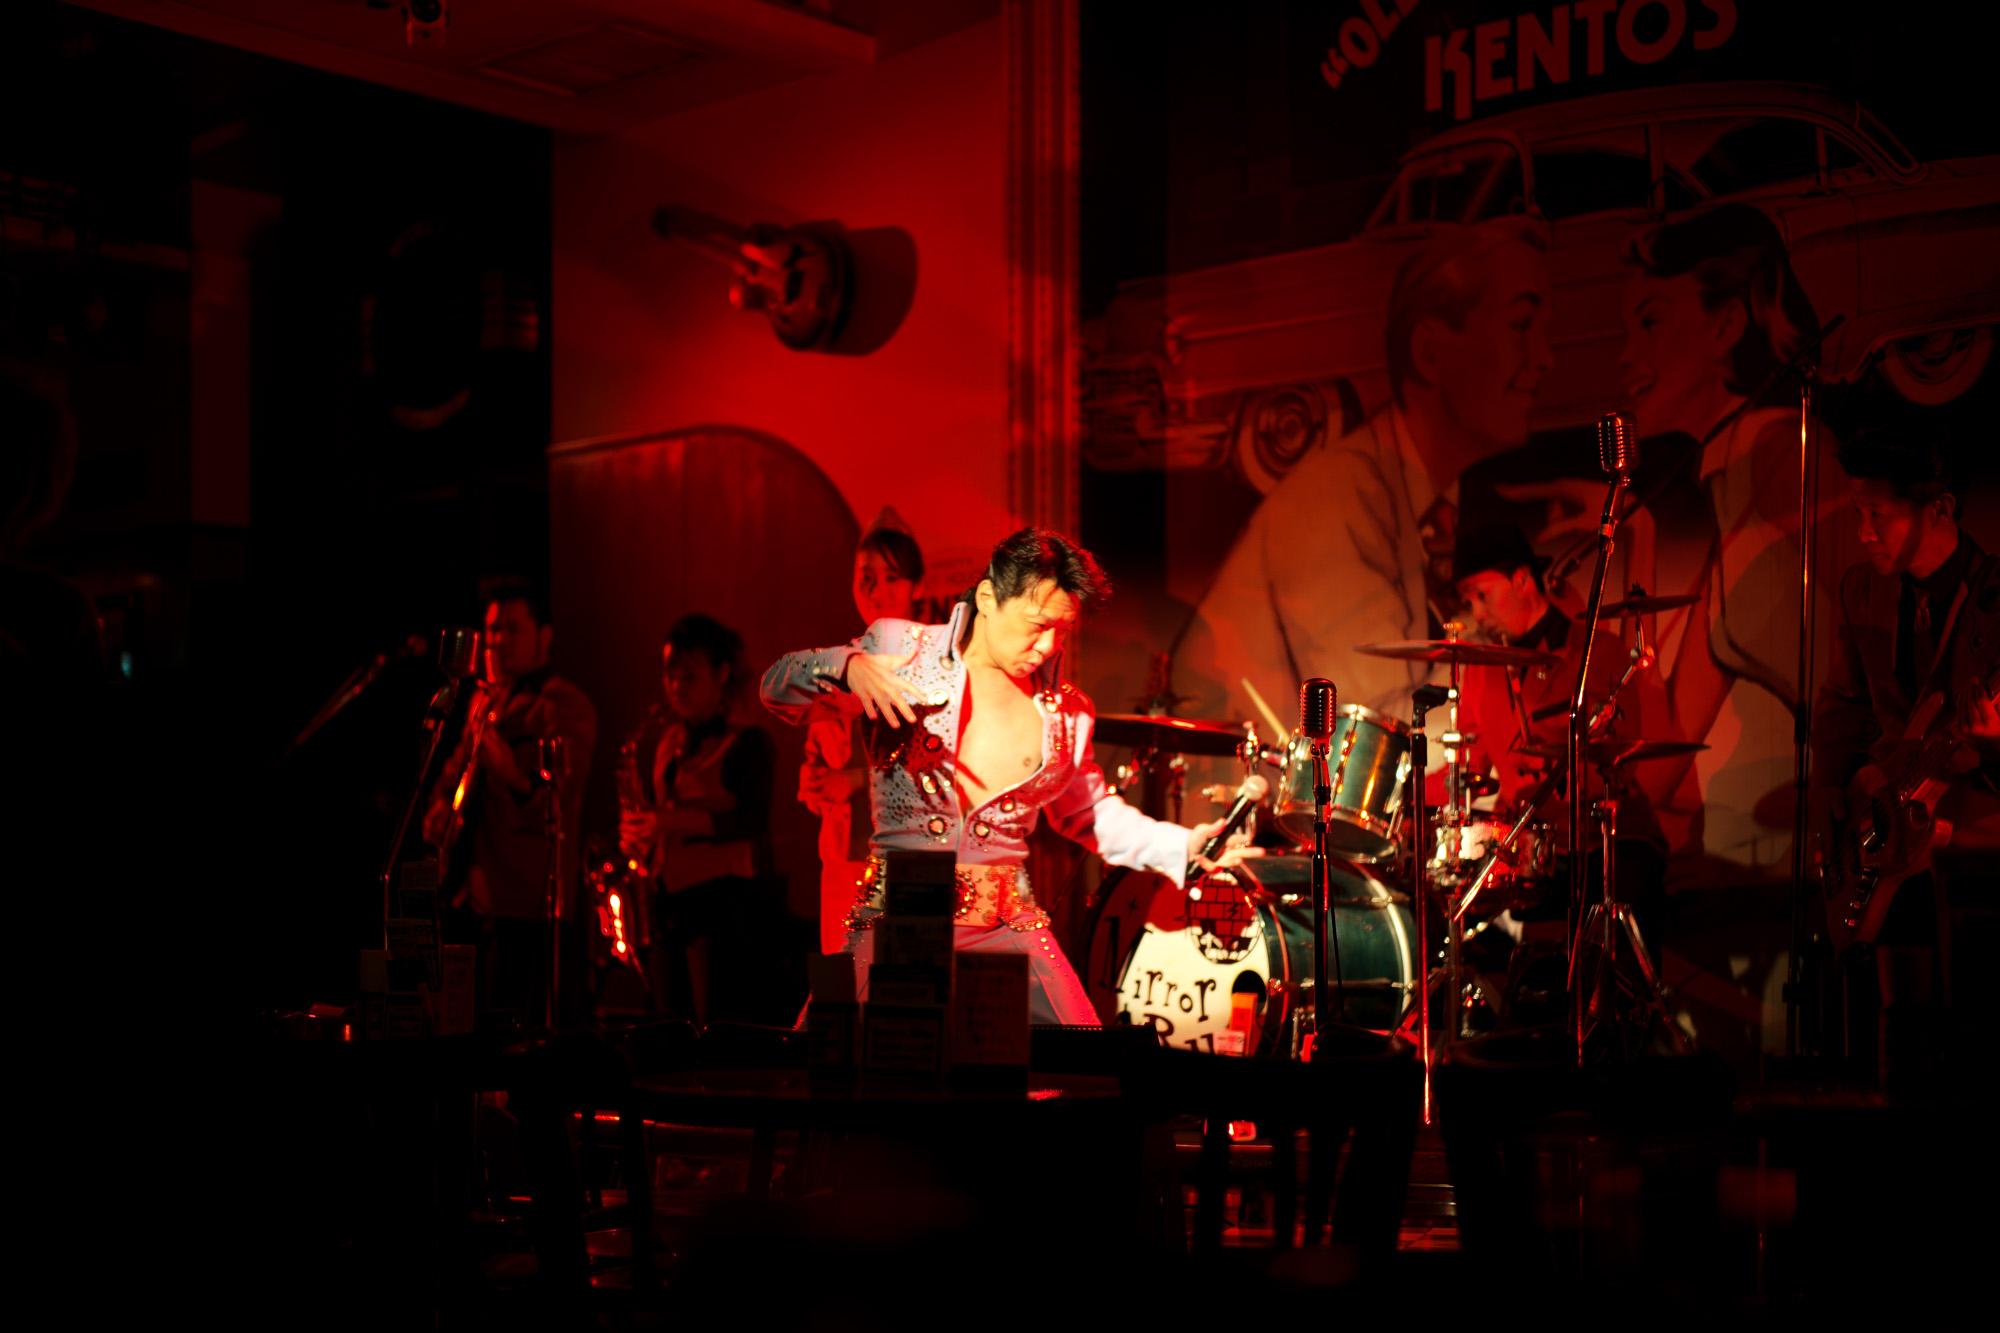 3/23 愛知 名古屋 altoediritto アルトエデリット 愛知 名古屋 altoediritto アルトエデリット 2020 3月23日 30F バー スターゲイト STAR GATE Bar STAR GATE 夜景 宝石  KENTOS ケントス ライブハウス ANA CROWNE PLAZA HOTEL GRAND COURT NAGOYA ANAクラウンプラザホテルグランコート名古屋 alto e diritto altoediritto アルトエデリット 愛知 名古屋 セレクトショップ 洋服屋 花 お祝い花 Italy ALESSANDRO GHERARDI アレッサンドロゲラルディ Alfredo Beretta アルフレッド ベレッタ Anderson's アンダーソンズ BOGLIOLI ボリオリ BORRIELLO ボリエッロ CINQUANTA チンクアンタ Cruciani クルチアーニ Delan デラン DUVETICA デュベティカ EMMETIエンメティ entre amis アントレアミ ENZO BONAFE エンツォボナフェ FERRANTE フェランテ FRANCO BASSI フランコバッシ FRAY フライ GABRIELE PASINI ガブリエレ パジーニ Glanshirt グランシャツ GRAN SASSO グランサッソ GTA ジーティーアー HERNO ヘルノ INCOTEX インコテックス INCOTEX SLACKS インコテックススラックス ISAIA イザイア J.W.BRINE J.W.ブライン LARDINI ラルディーニ MONTEDORO モンテドーロ MOORER ムーレー Pantofola d'Oro パントフォラドーロ Radice ラディーチェ PT01 ピーティーゼロウーノ PT05 ピーティーゼロチンクエ RICHARD J.BROWN リチャードジェイブラウン Sealup シーラップ Settefili Cashmere セッテフィーリカシミア VALSTAR ヴァルスター VIGANO ヴィガーノ ZANONE ザノーネ U.S.A. ALDO ROSSI アルドロッシ Allen Edmonds アレンエドモンズ Champion チャンピオン CONVERSE コンバース DANNER ダナー DSPTCH ディスパッチ FILSON フィルソン INDIVIDUALIZED SHIRTS インディビジュアライズドシャツ JACQUESMARIEMAGE ジャックマリーマージュ JULIAN BOOTS ジュリアンブーツ JUTTA NEUMANN ユッタニューマン New Balance ニューバランス NIKE ナイキ South Paradiso Leather サウスパラディソレザー THE NORTH FACE ザ・ノースフェイス THE SANDALMAN ザ・サンダルマン VANS ヴァンズ Vanson Leather バンソンレザー VENETIAN CREAM ベネチアンクリーム WHITE'S BOOTS ホワイツブーツ WOOLRICH ウールリッチ WORN FREE ウォーンフリー England Barbour バブアー BARACUTA バラクータ DENTS デンツ FOX UMBRELLAS フォックスアンブレラ INVERALLAN インバーアラン INVERTERE インバーティア J&M DAVIDSON ジェイアンドエムデヴィッドソン JAMES GROSE ジェームスグロース JOHN SMEDLEY ジョンスメドレー Johnstons ジョンストンズ Loake England ロークイングランド SWAINE ADENEY スウェイン アドニー WALSH ウォルシュ Worn By ウォーンバイ Other adidas アディダス ANDERSEN-ANDERSEN アンデルセン アンデルセン CHAMBORD SELLIER シャンボールセリエ Cuervo クエルボ Georges de Patricia ジョルジュ ド パトリシア HIROSHI TSUBOUCHI ヒロシツボウチ MADE BY SEVEN -REUSE- メイドバイセブンリユース VAGUE WATCH CO. ヴァーグウォッチ Order Suit オーダースーツ WH ダブルエイチ